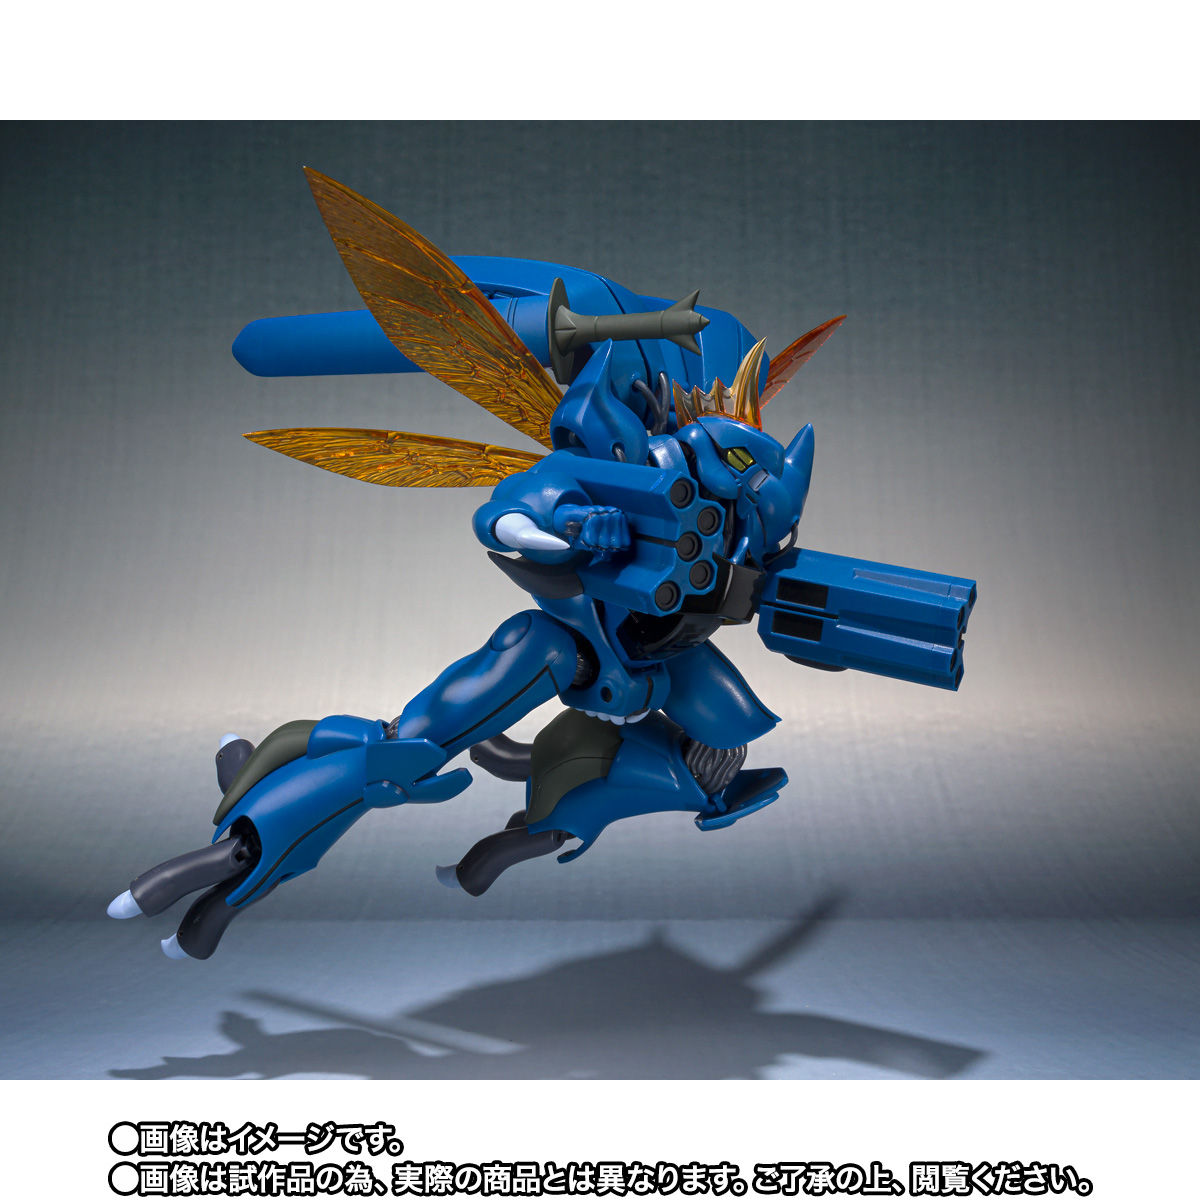 【限定販売】ROBOT魂〈SIDE AB〉『ビランビー & ユニコン・ウー セット』可動フィギュア-006